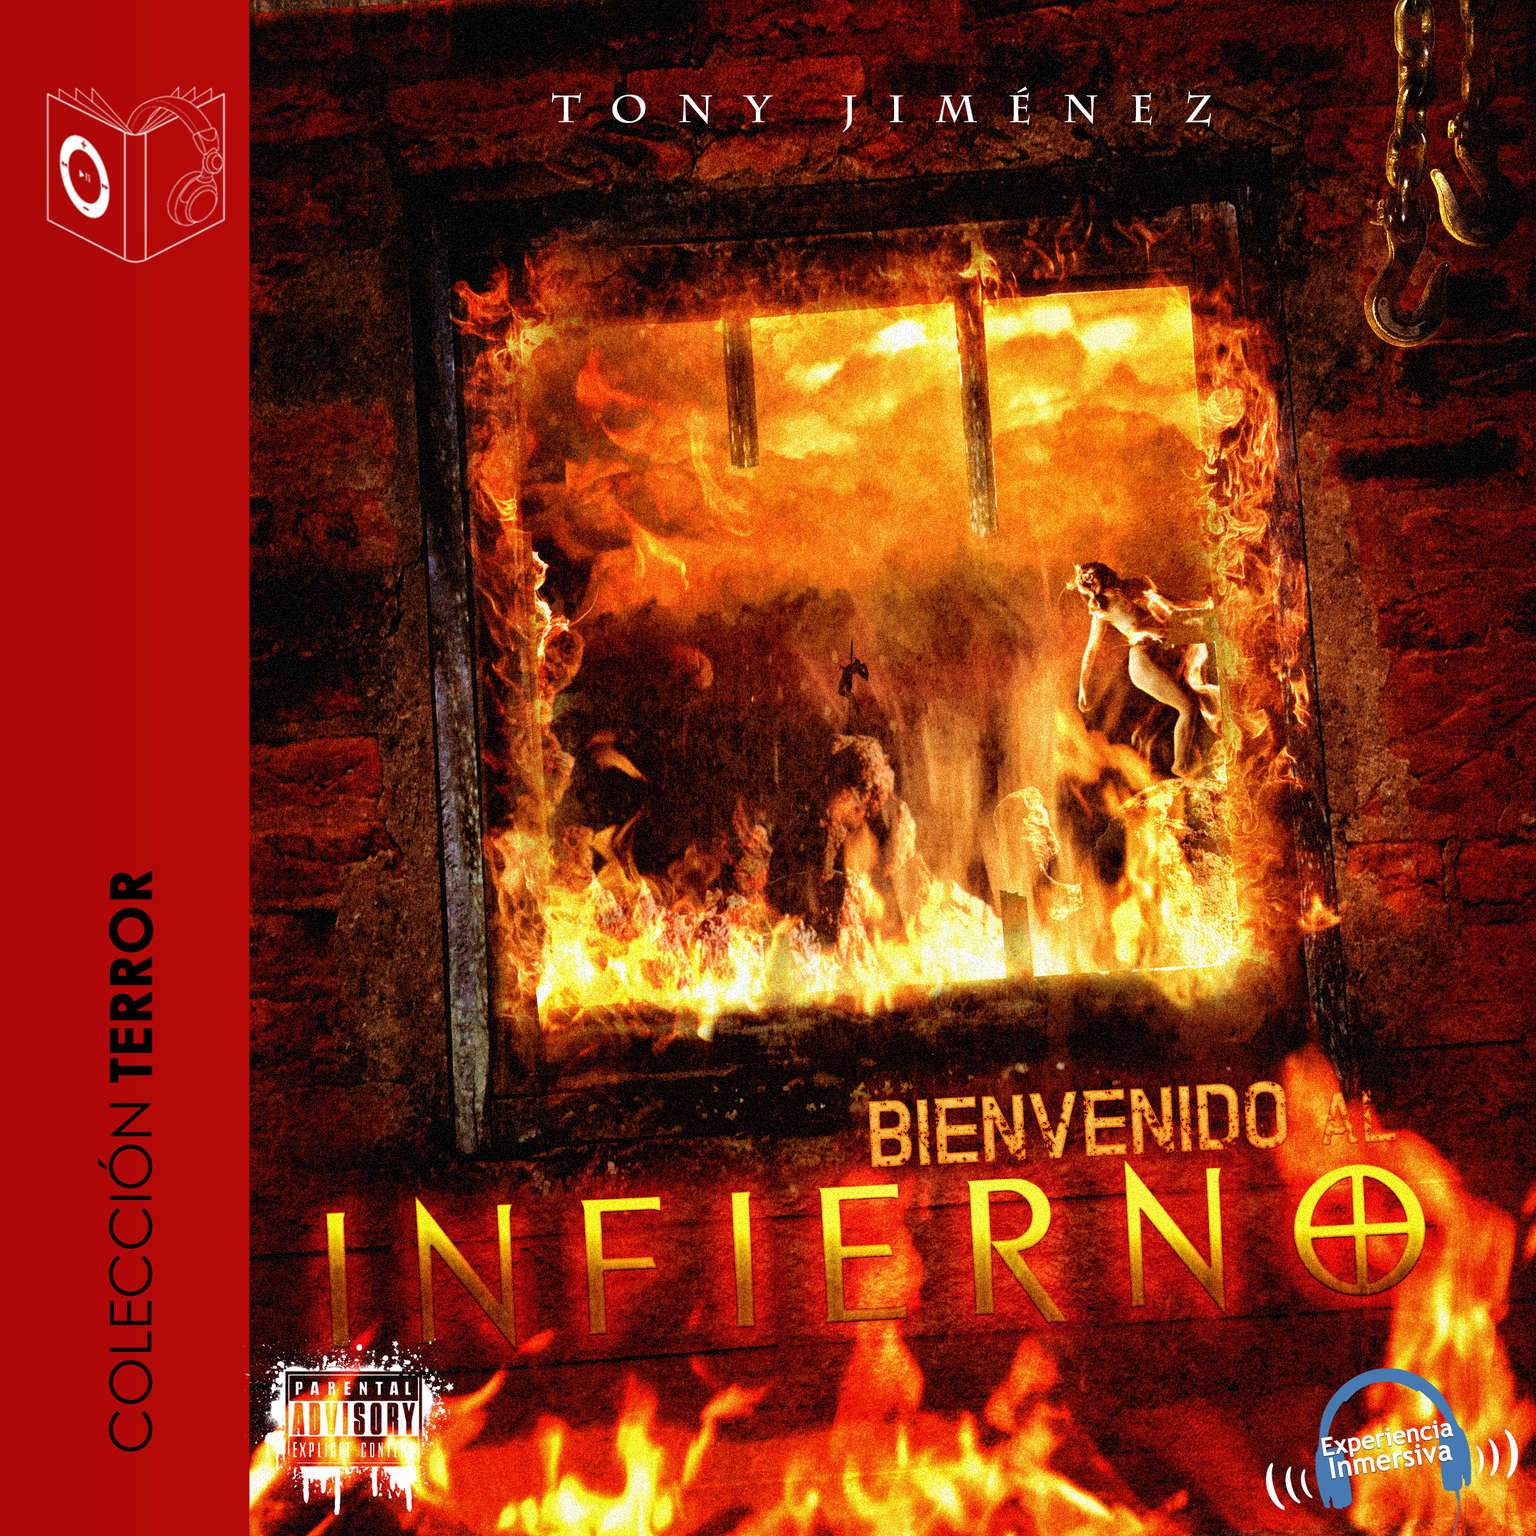 Bienvenido al infierno Audiobook, by Tony Jimenez